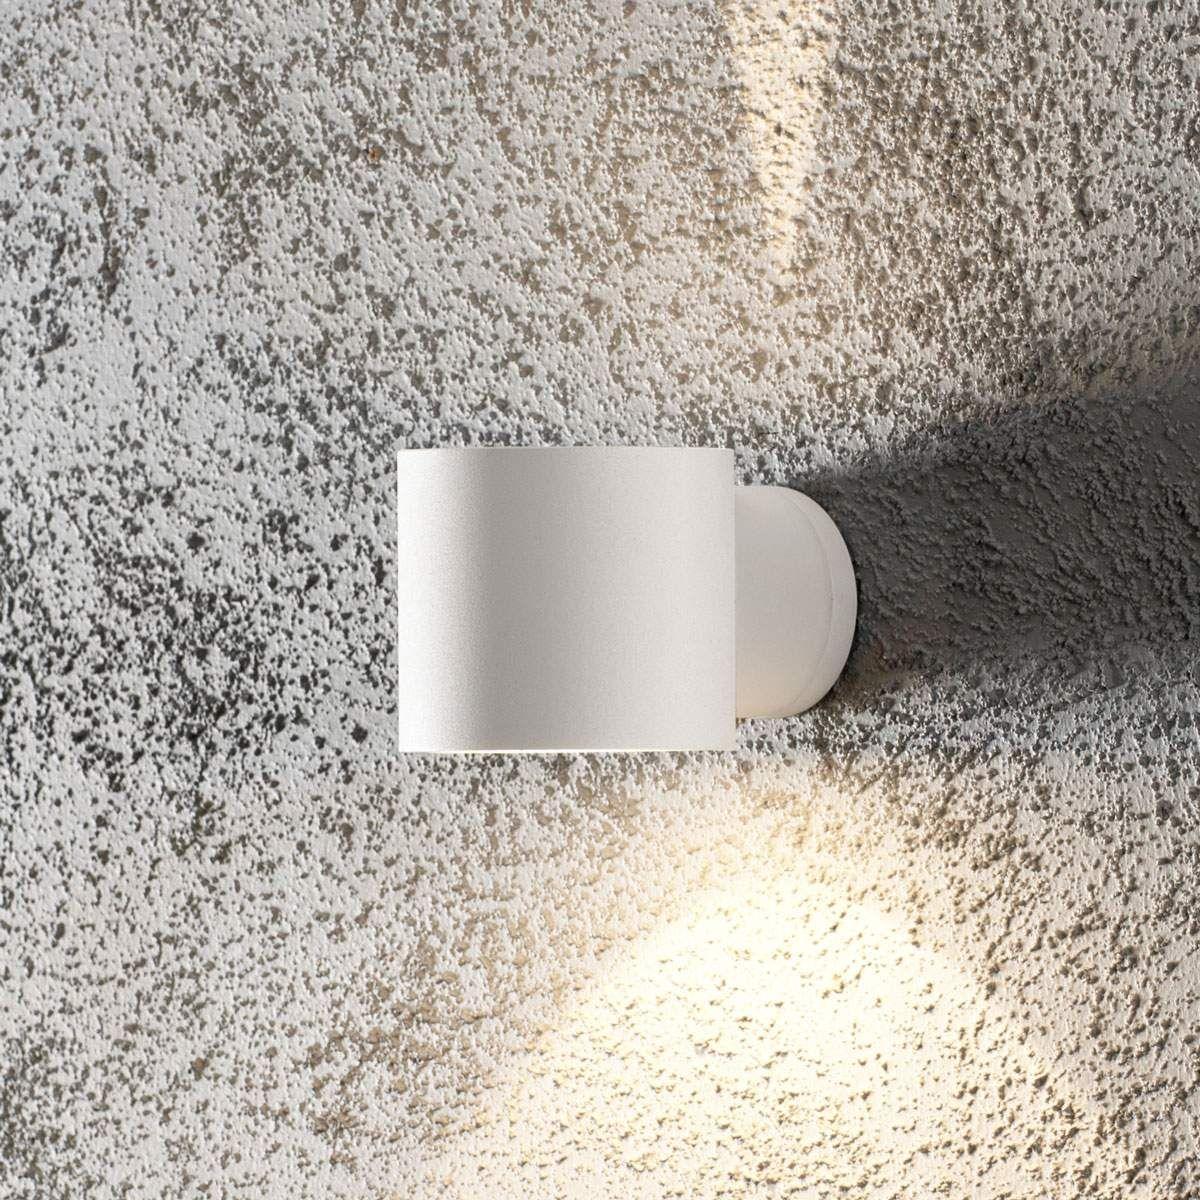 LED Wand Leuchte rund Down Strahler Außen Beleuchtung IP54 Lampe Licht Eco Light